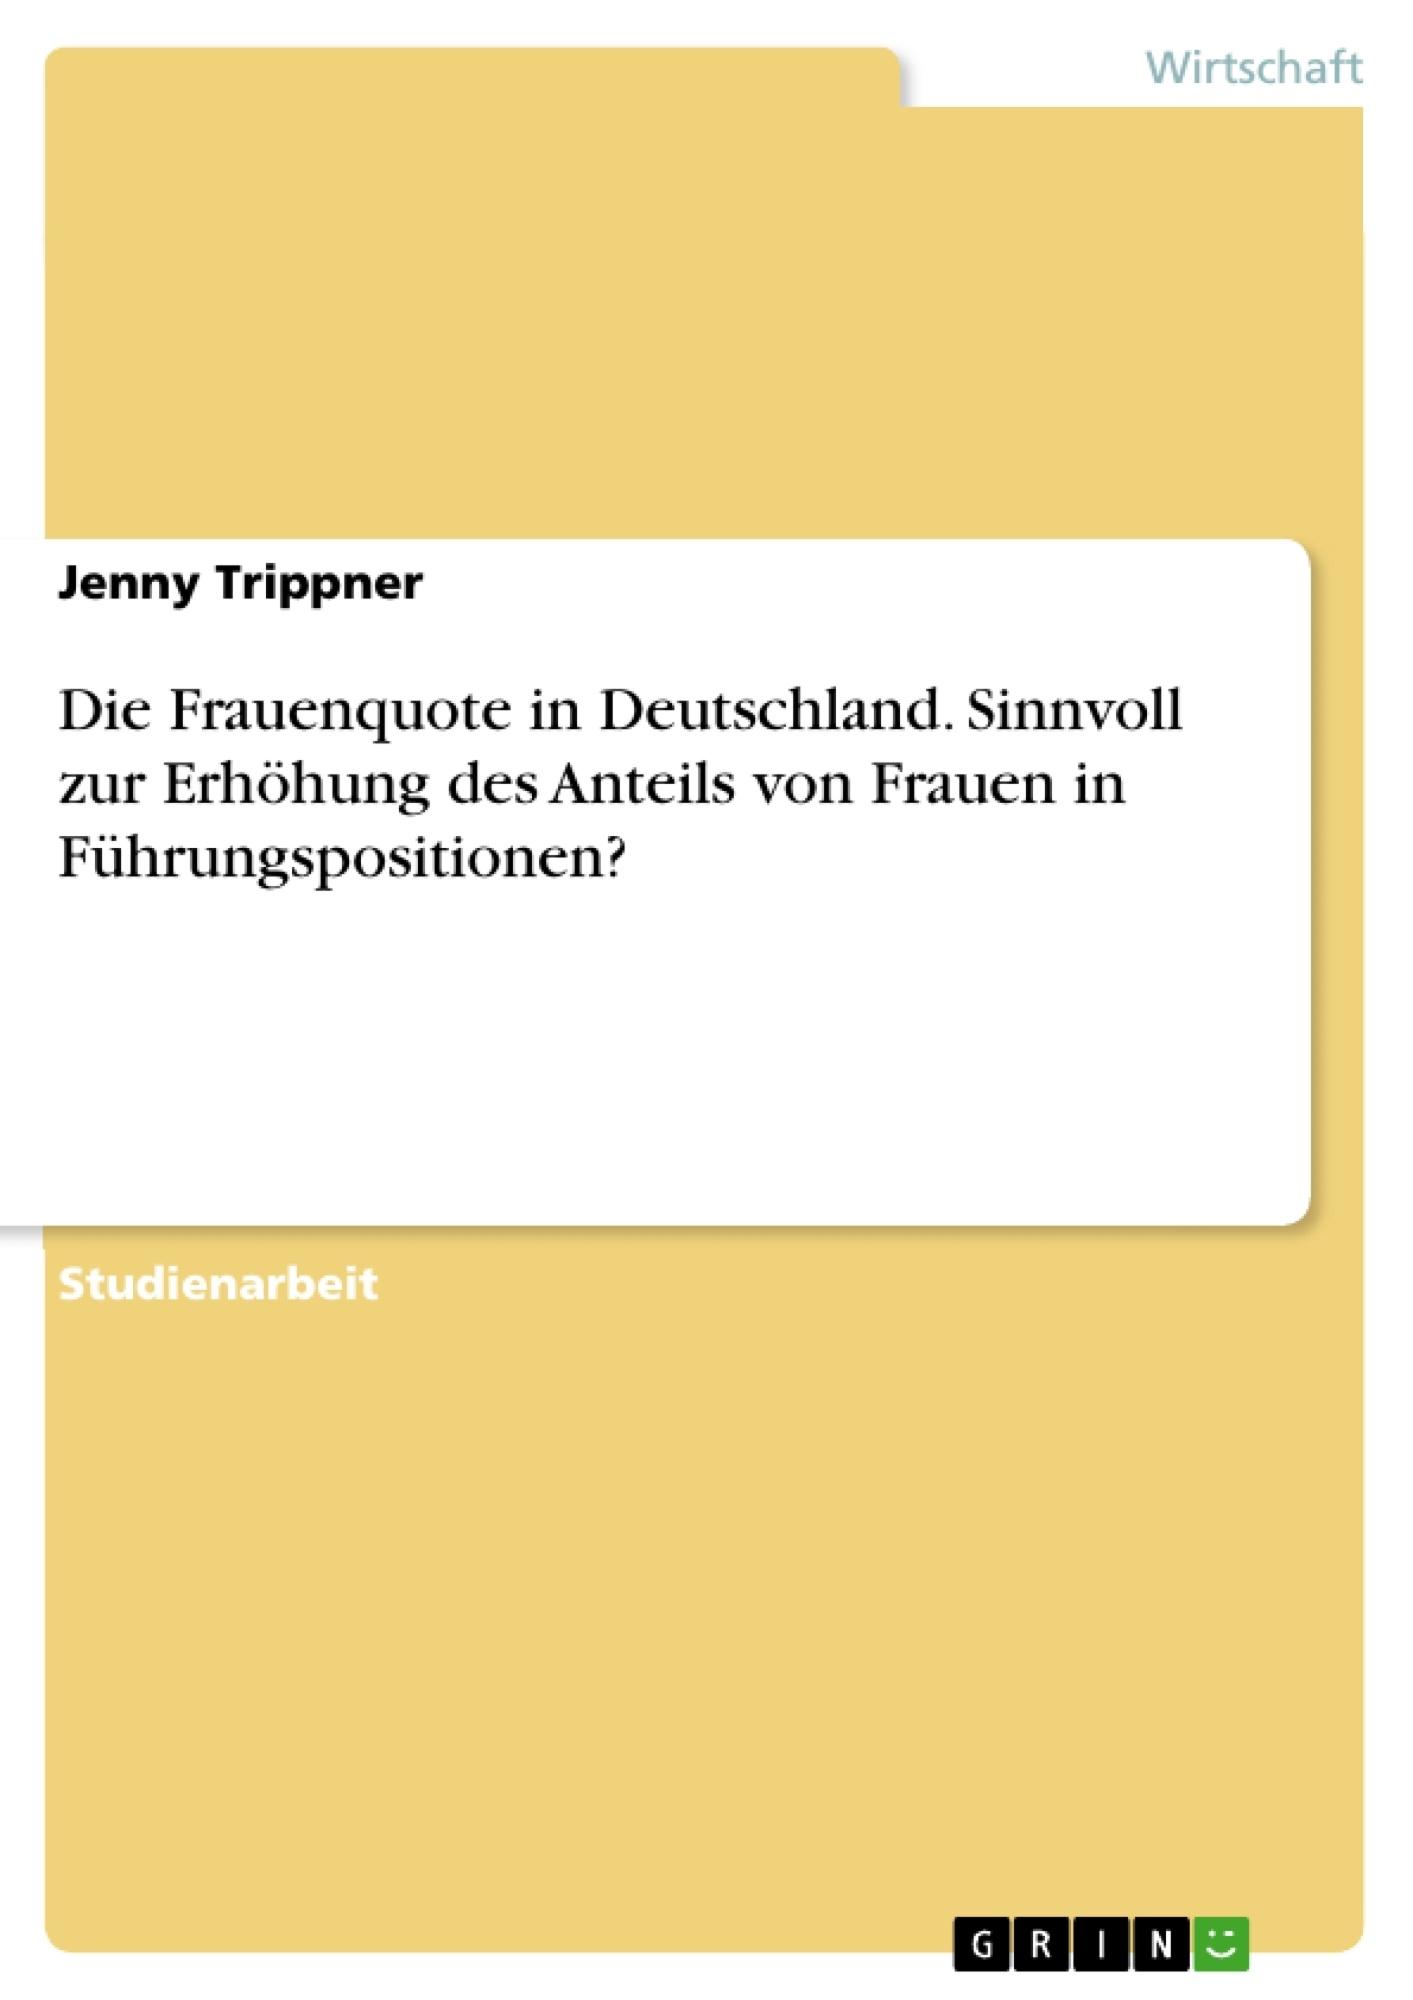 Titel: Die Frauenquote in Deutschland. Sinnvoll zur Erhöhung des Anteils von Frauen in Führungspositionen?